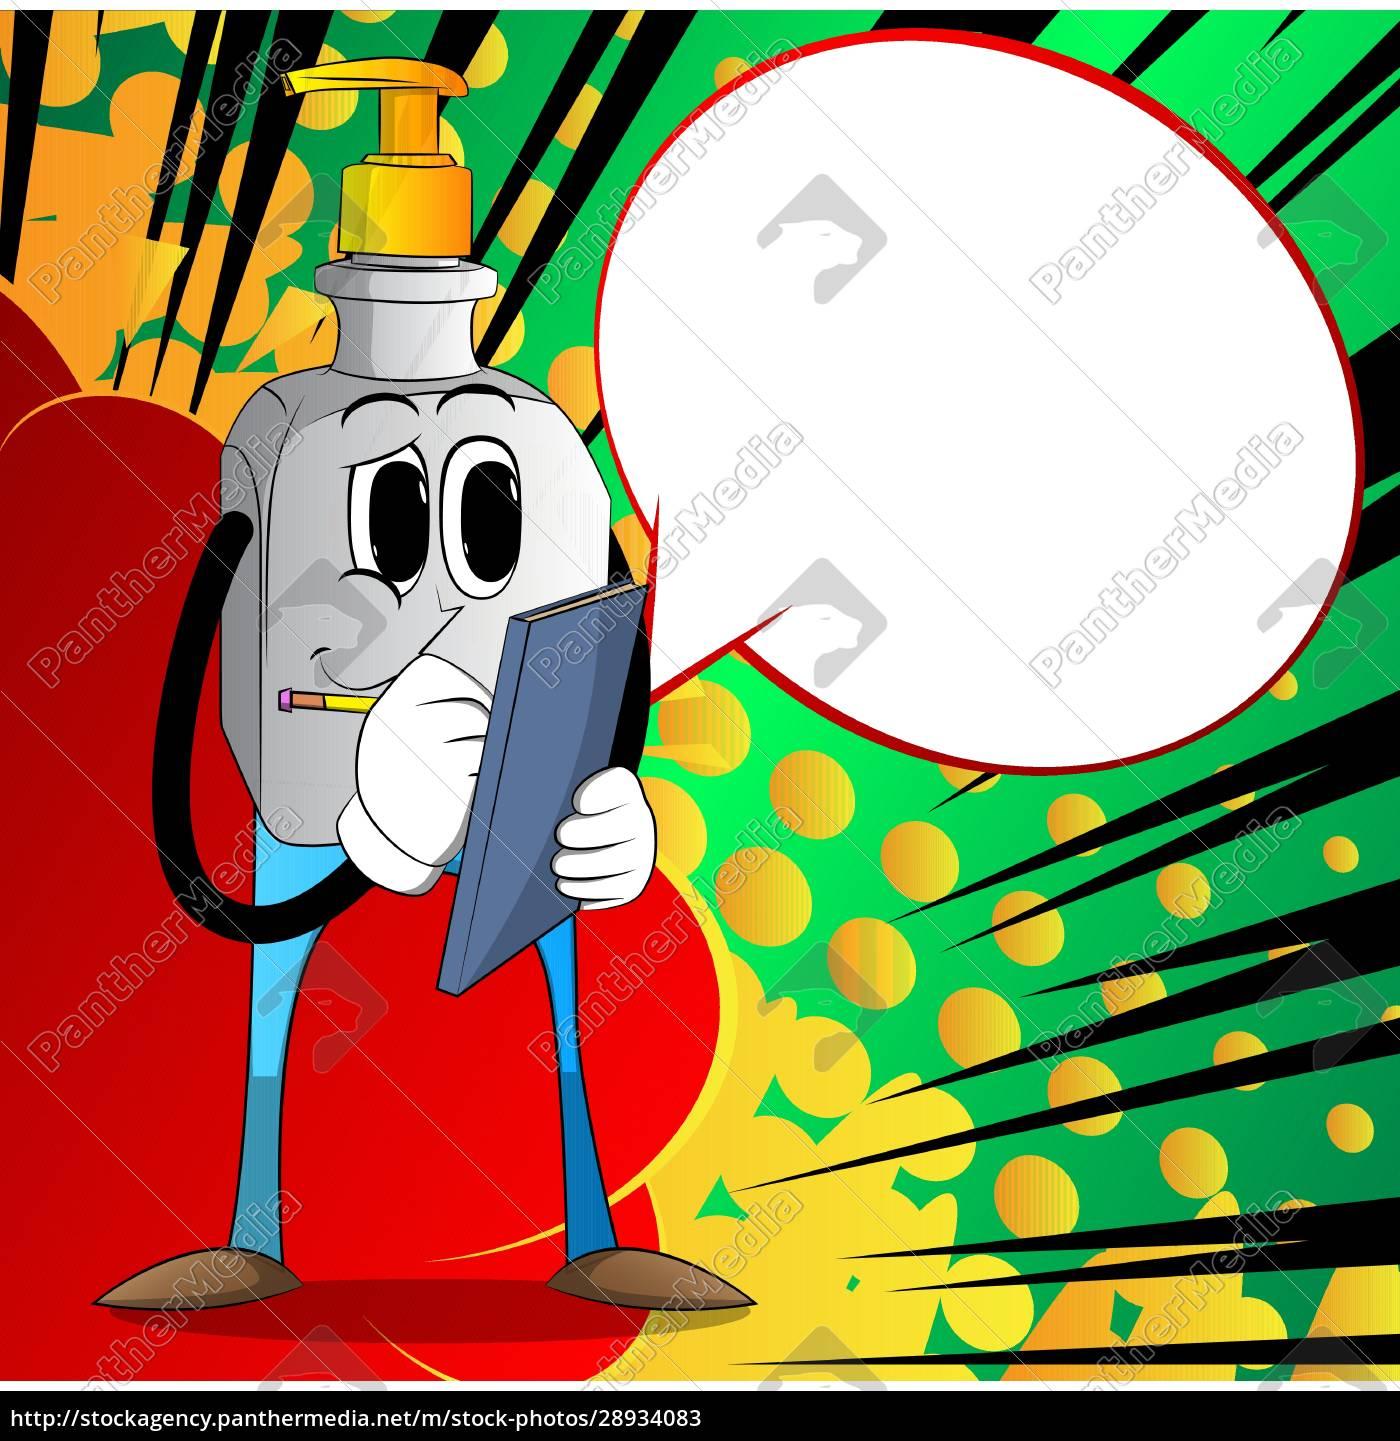 garrafa, de, gel, de, desinfetante, de - 28934083